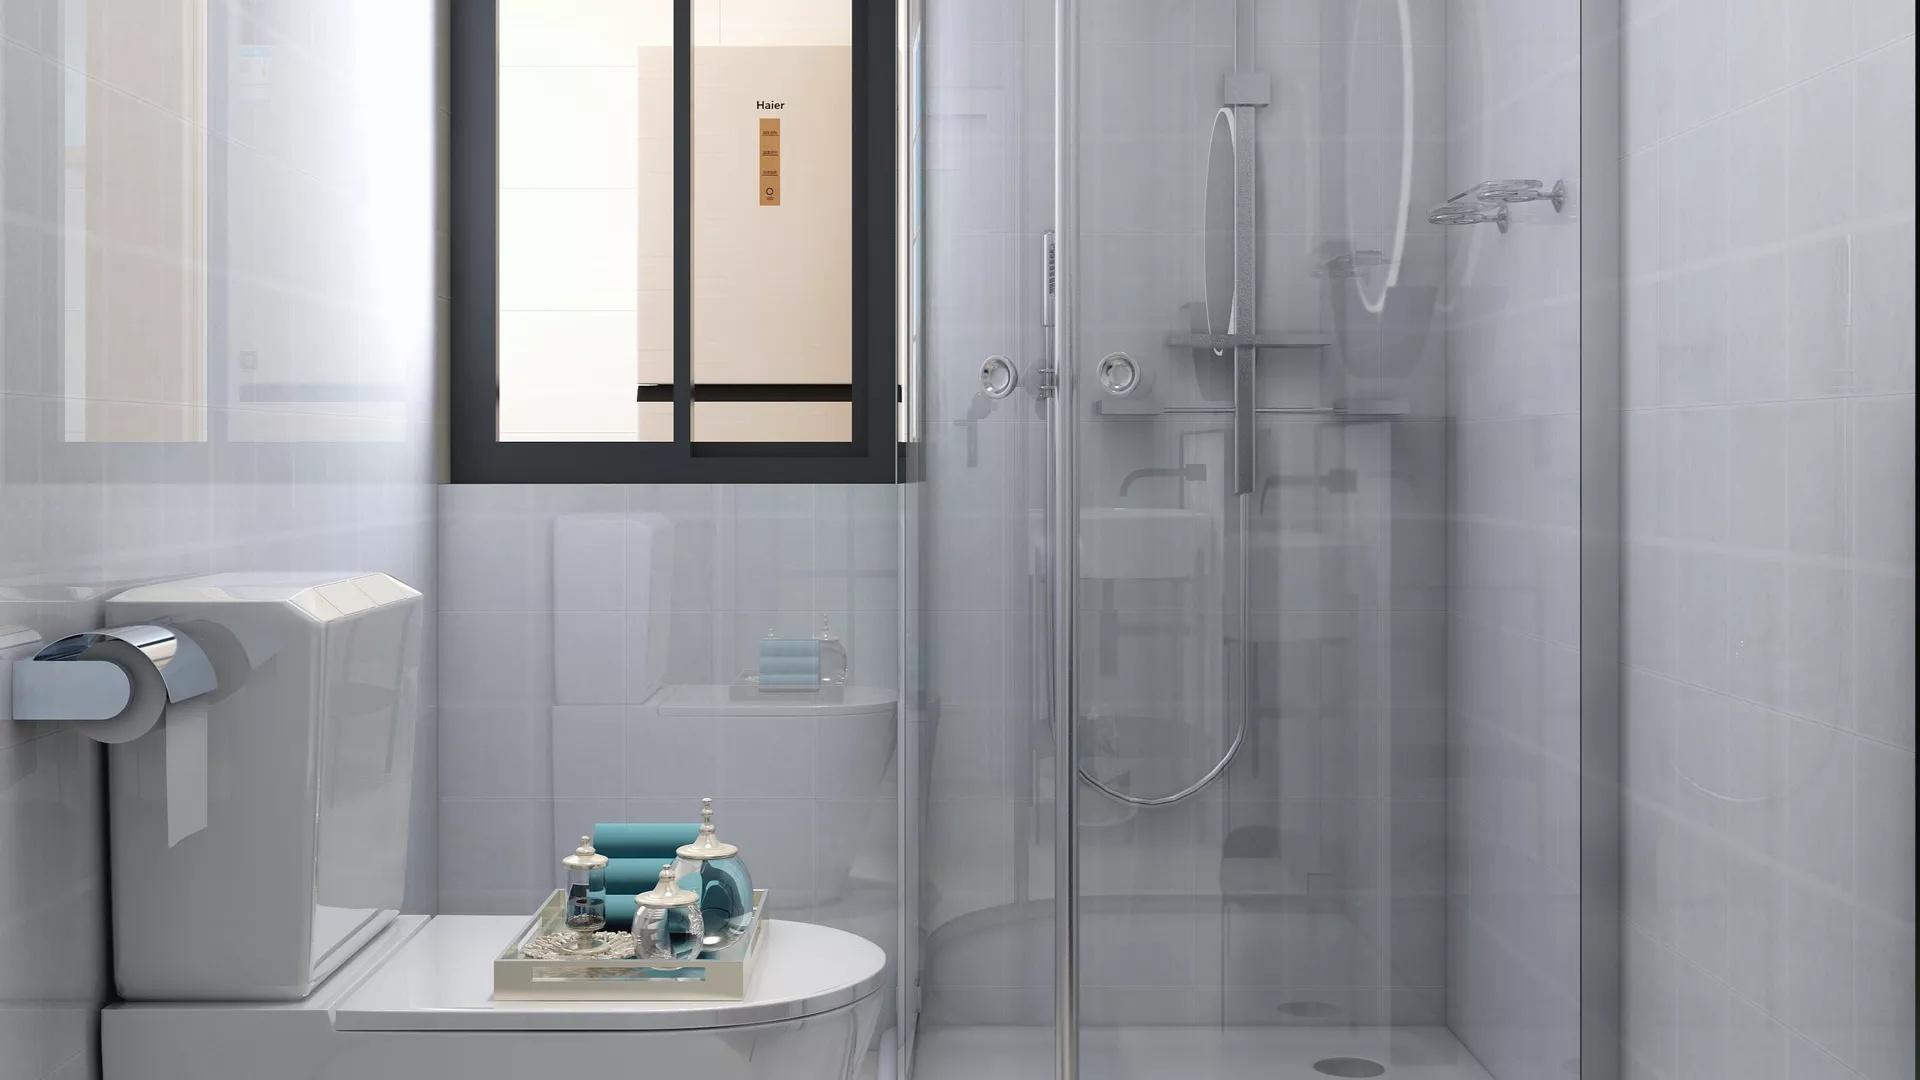 卫生间,简约风格,洗手台,浴室柜,简洁,温馨